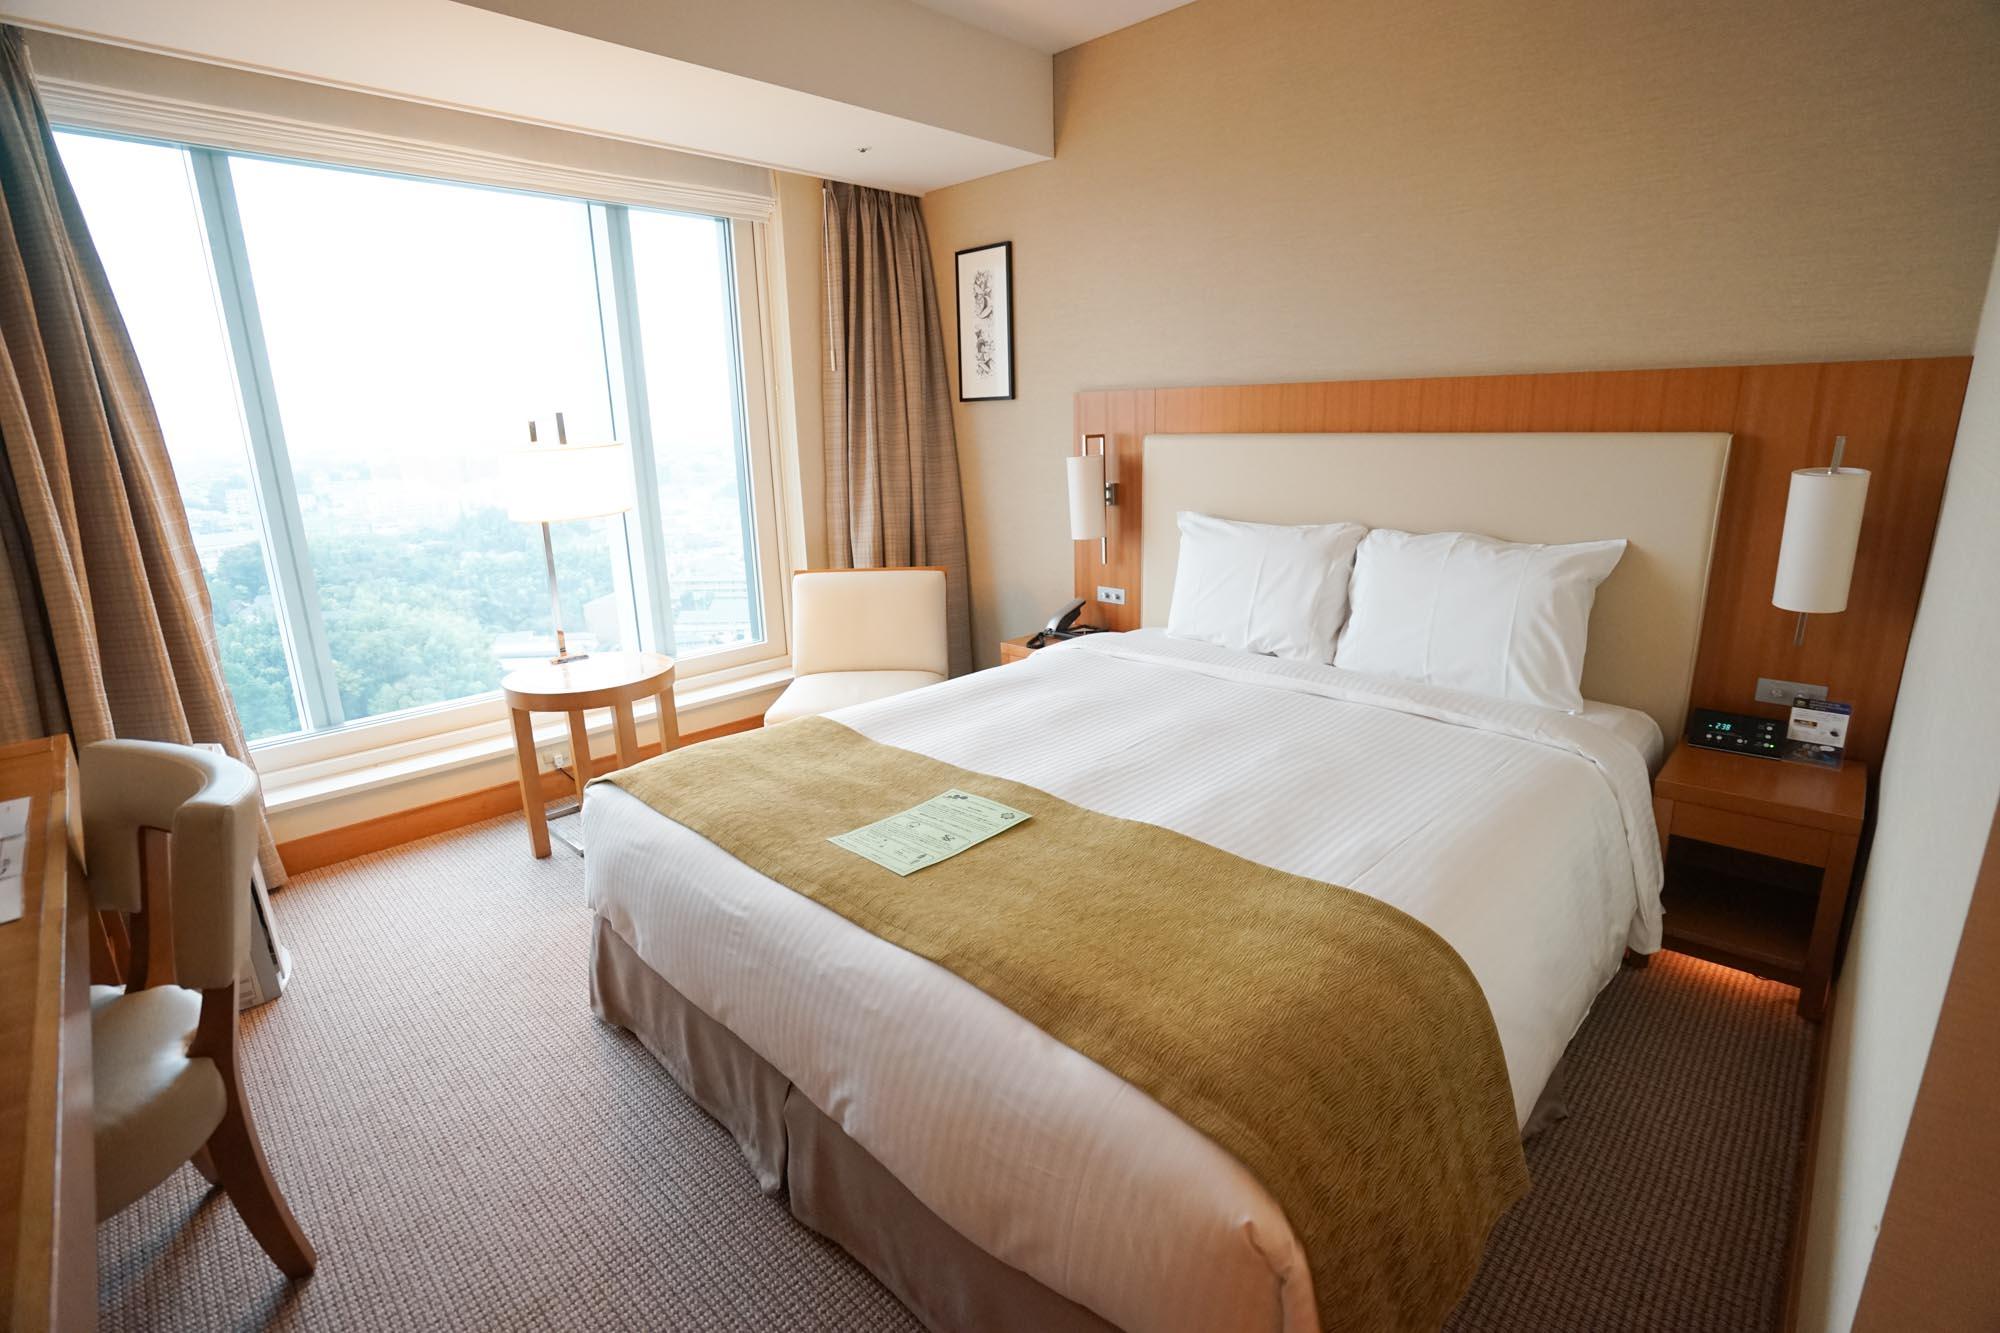 新幹線駅直結の利便性の良さは想像以上。ホテルアソシア新横浜 宿泊レビュー!